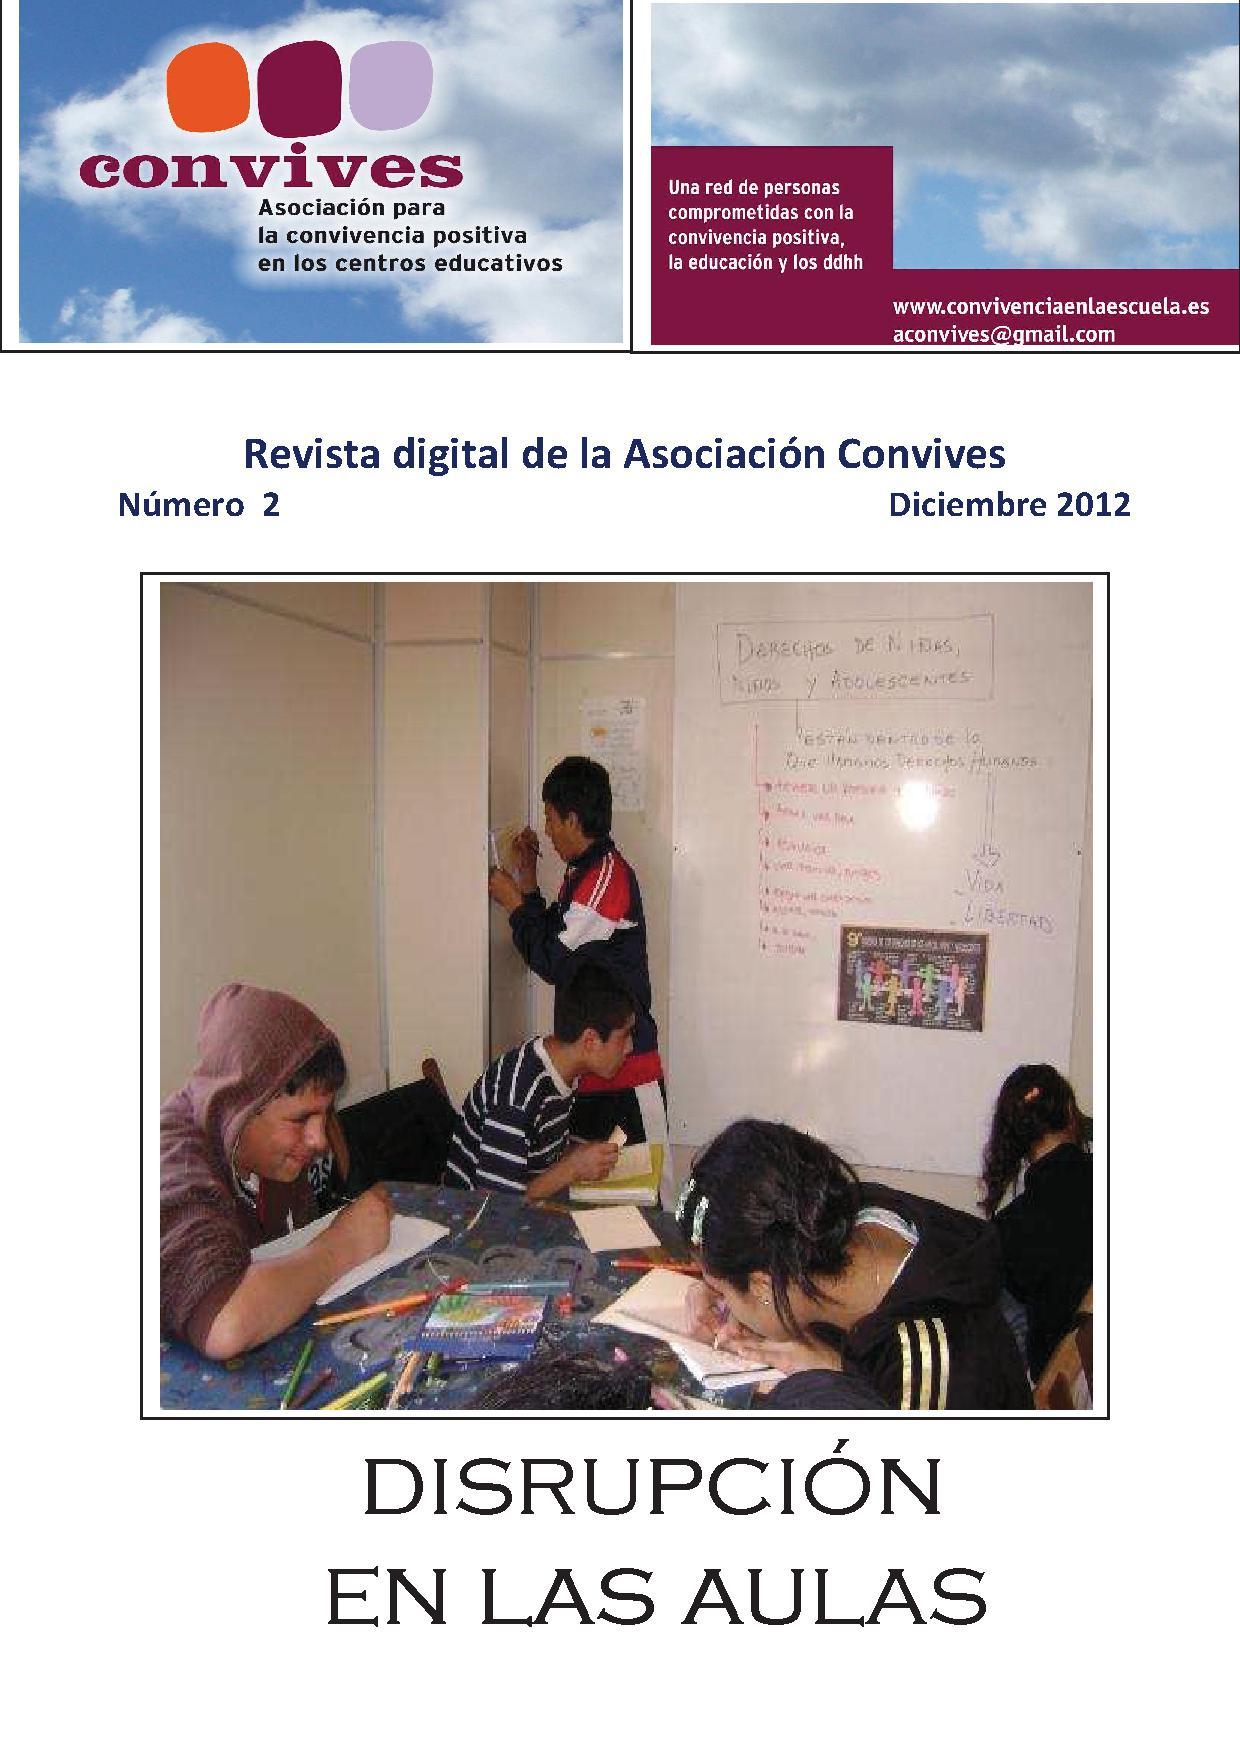 Segundo número de la Revista digital de la Asociación Convives